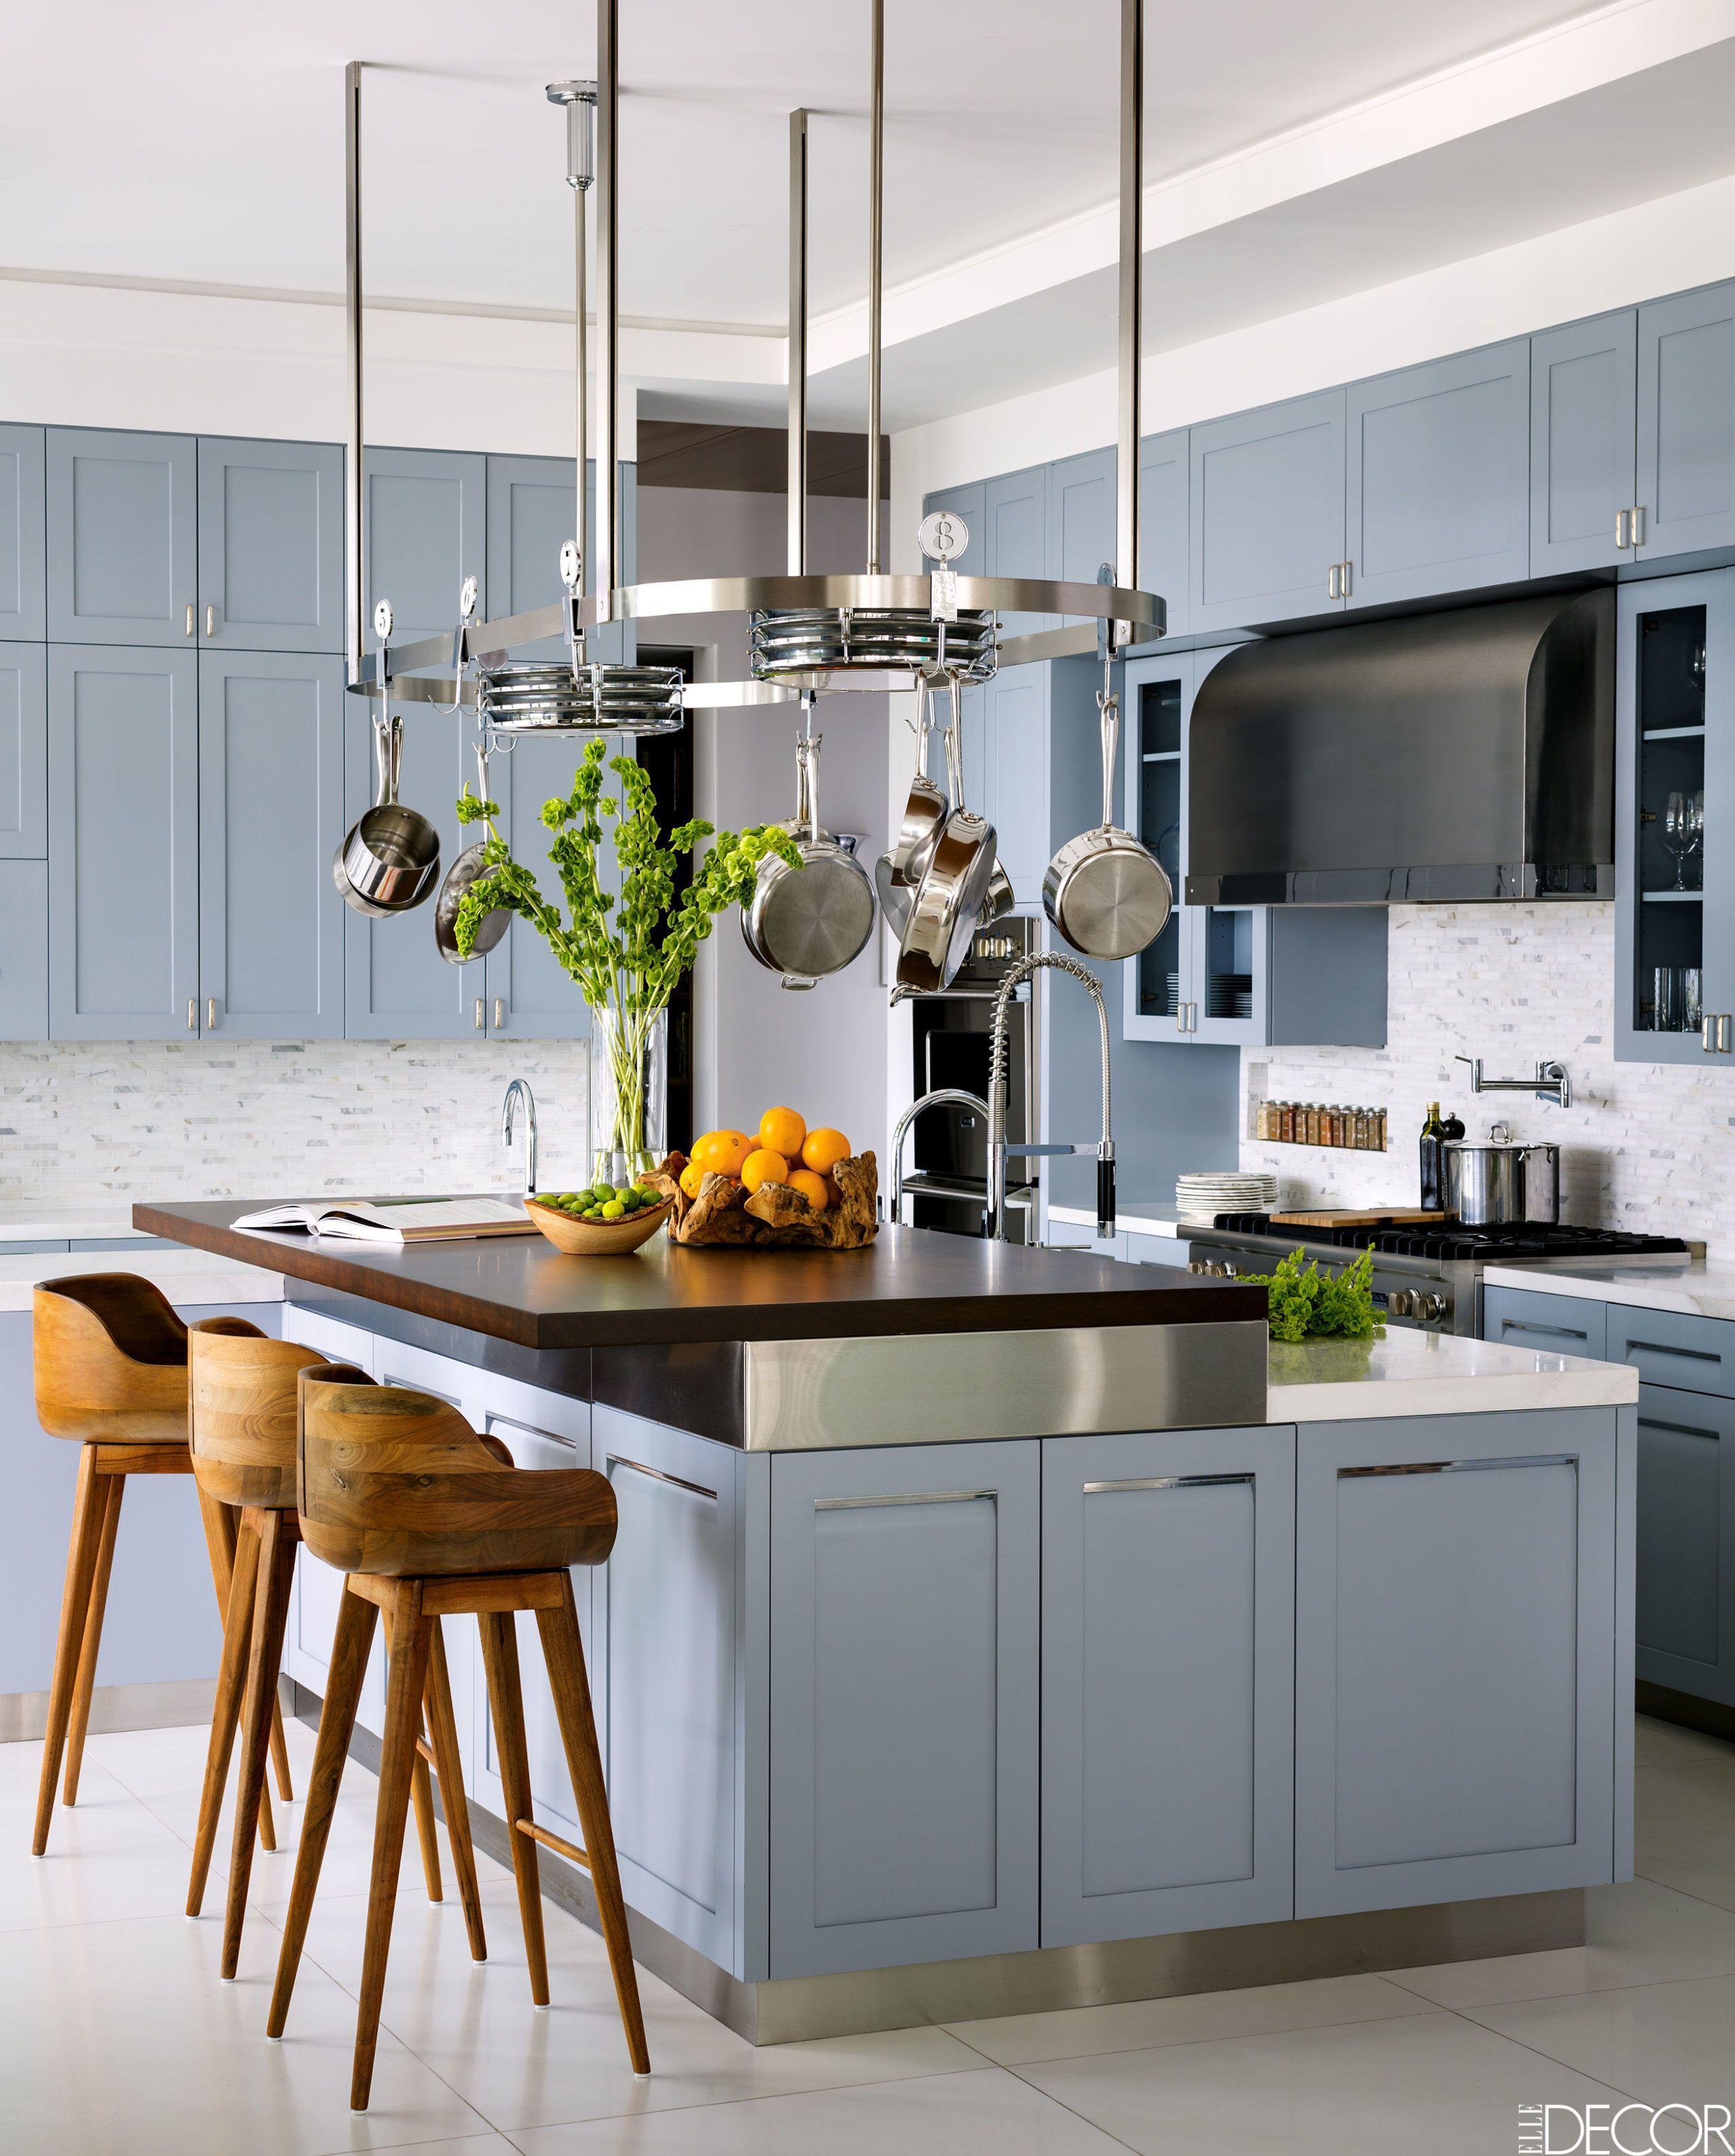 Cách bố trí nội thất, thiết kế phong cách minimalism giúp không gian trở nên ấn tượng nhất